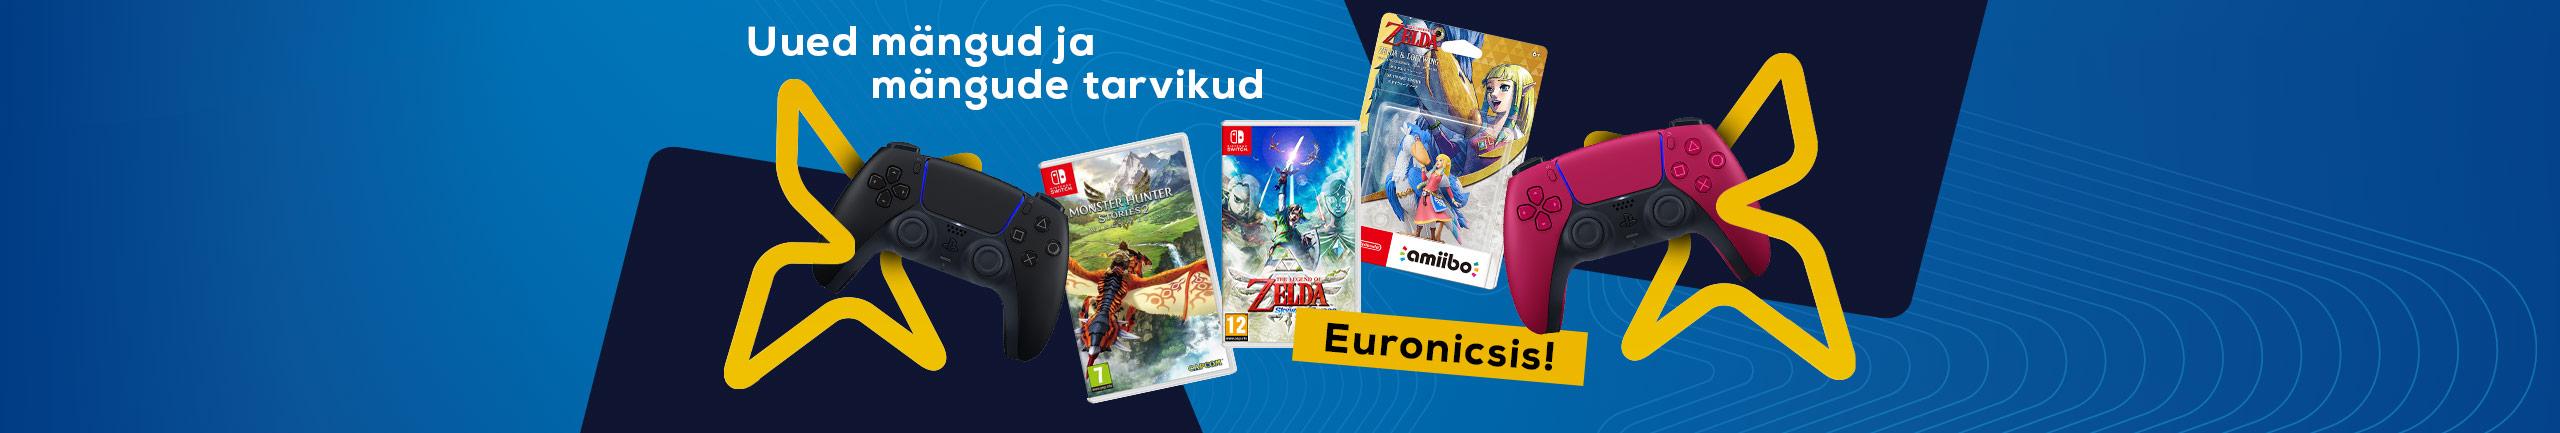 Uued mängud ja mängude tarvikud Euronicsis!